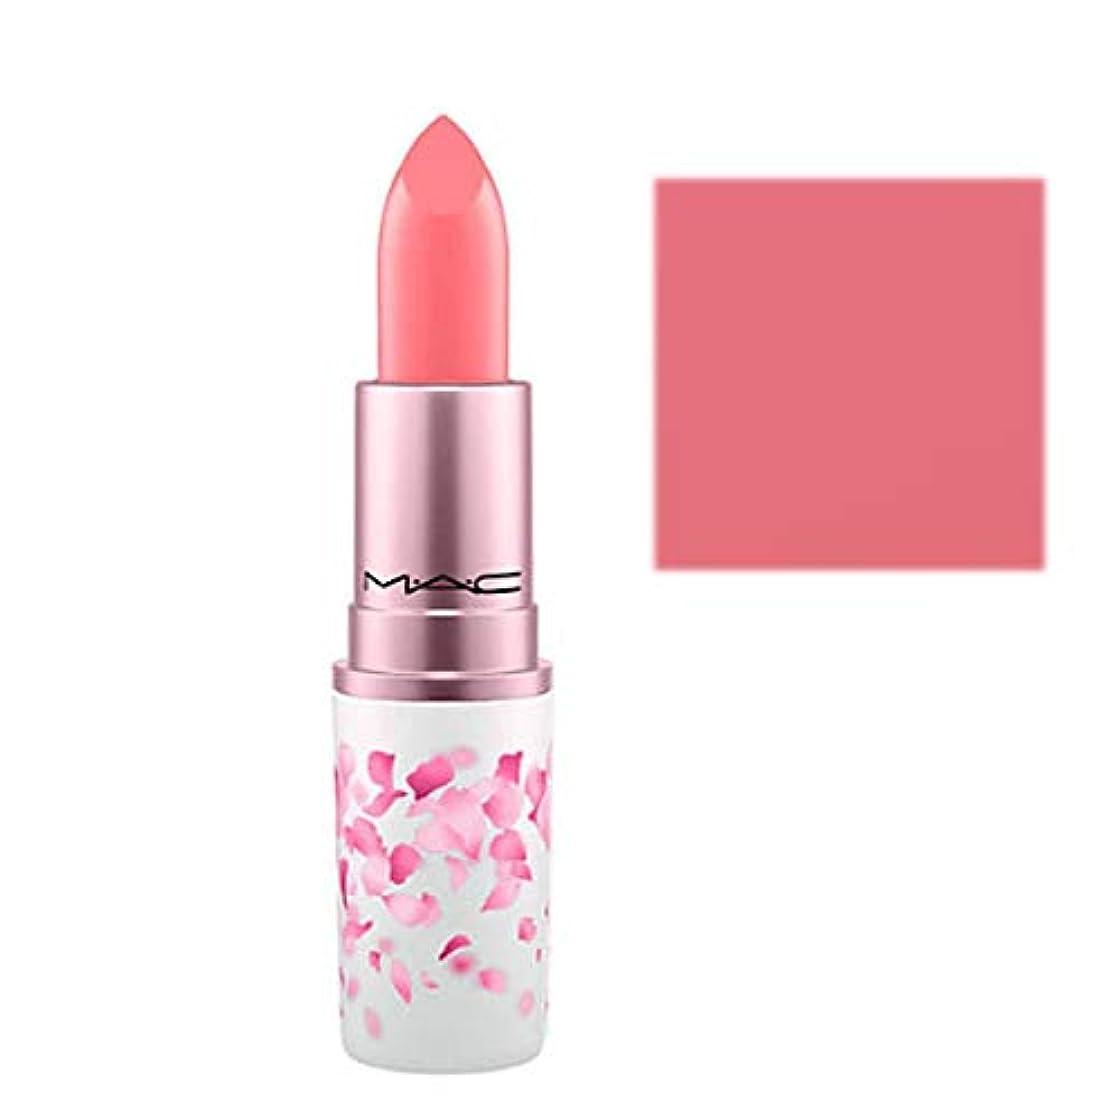 権限障害美しいM.A.C ?マック, 限定版, 2019 Spring, Lipstick/Boom, Boom, Bloom - Hi-Fructease [海外直送品] [並行輸入品]